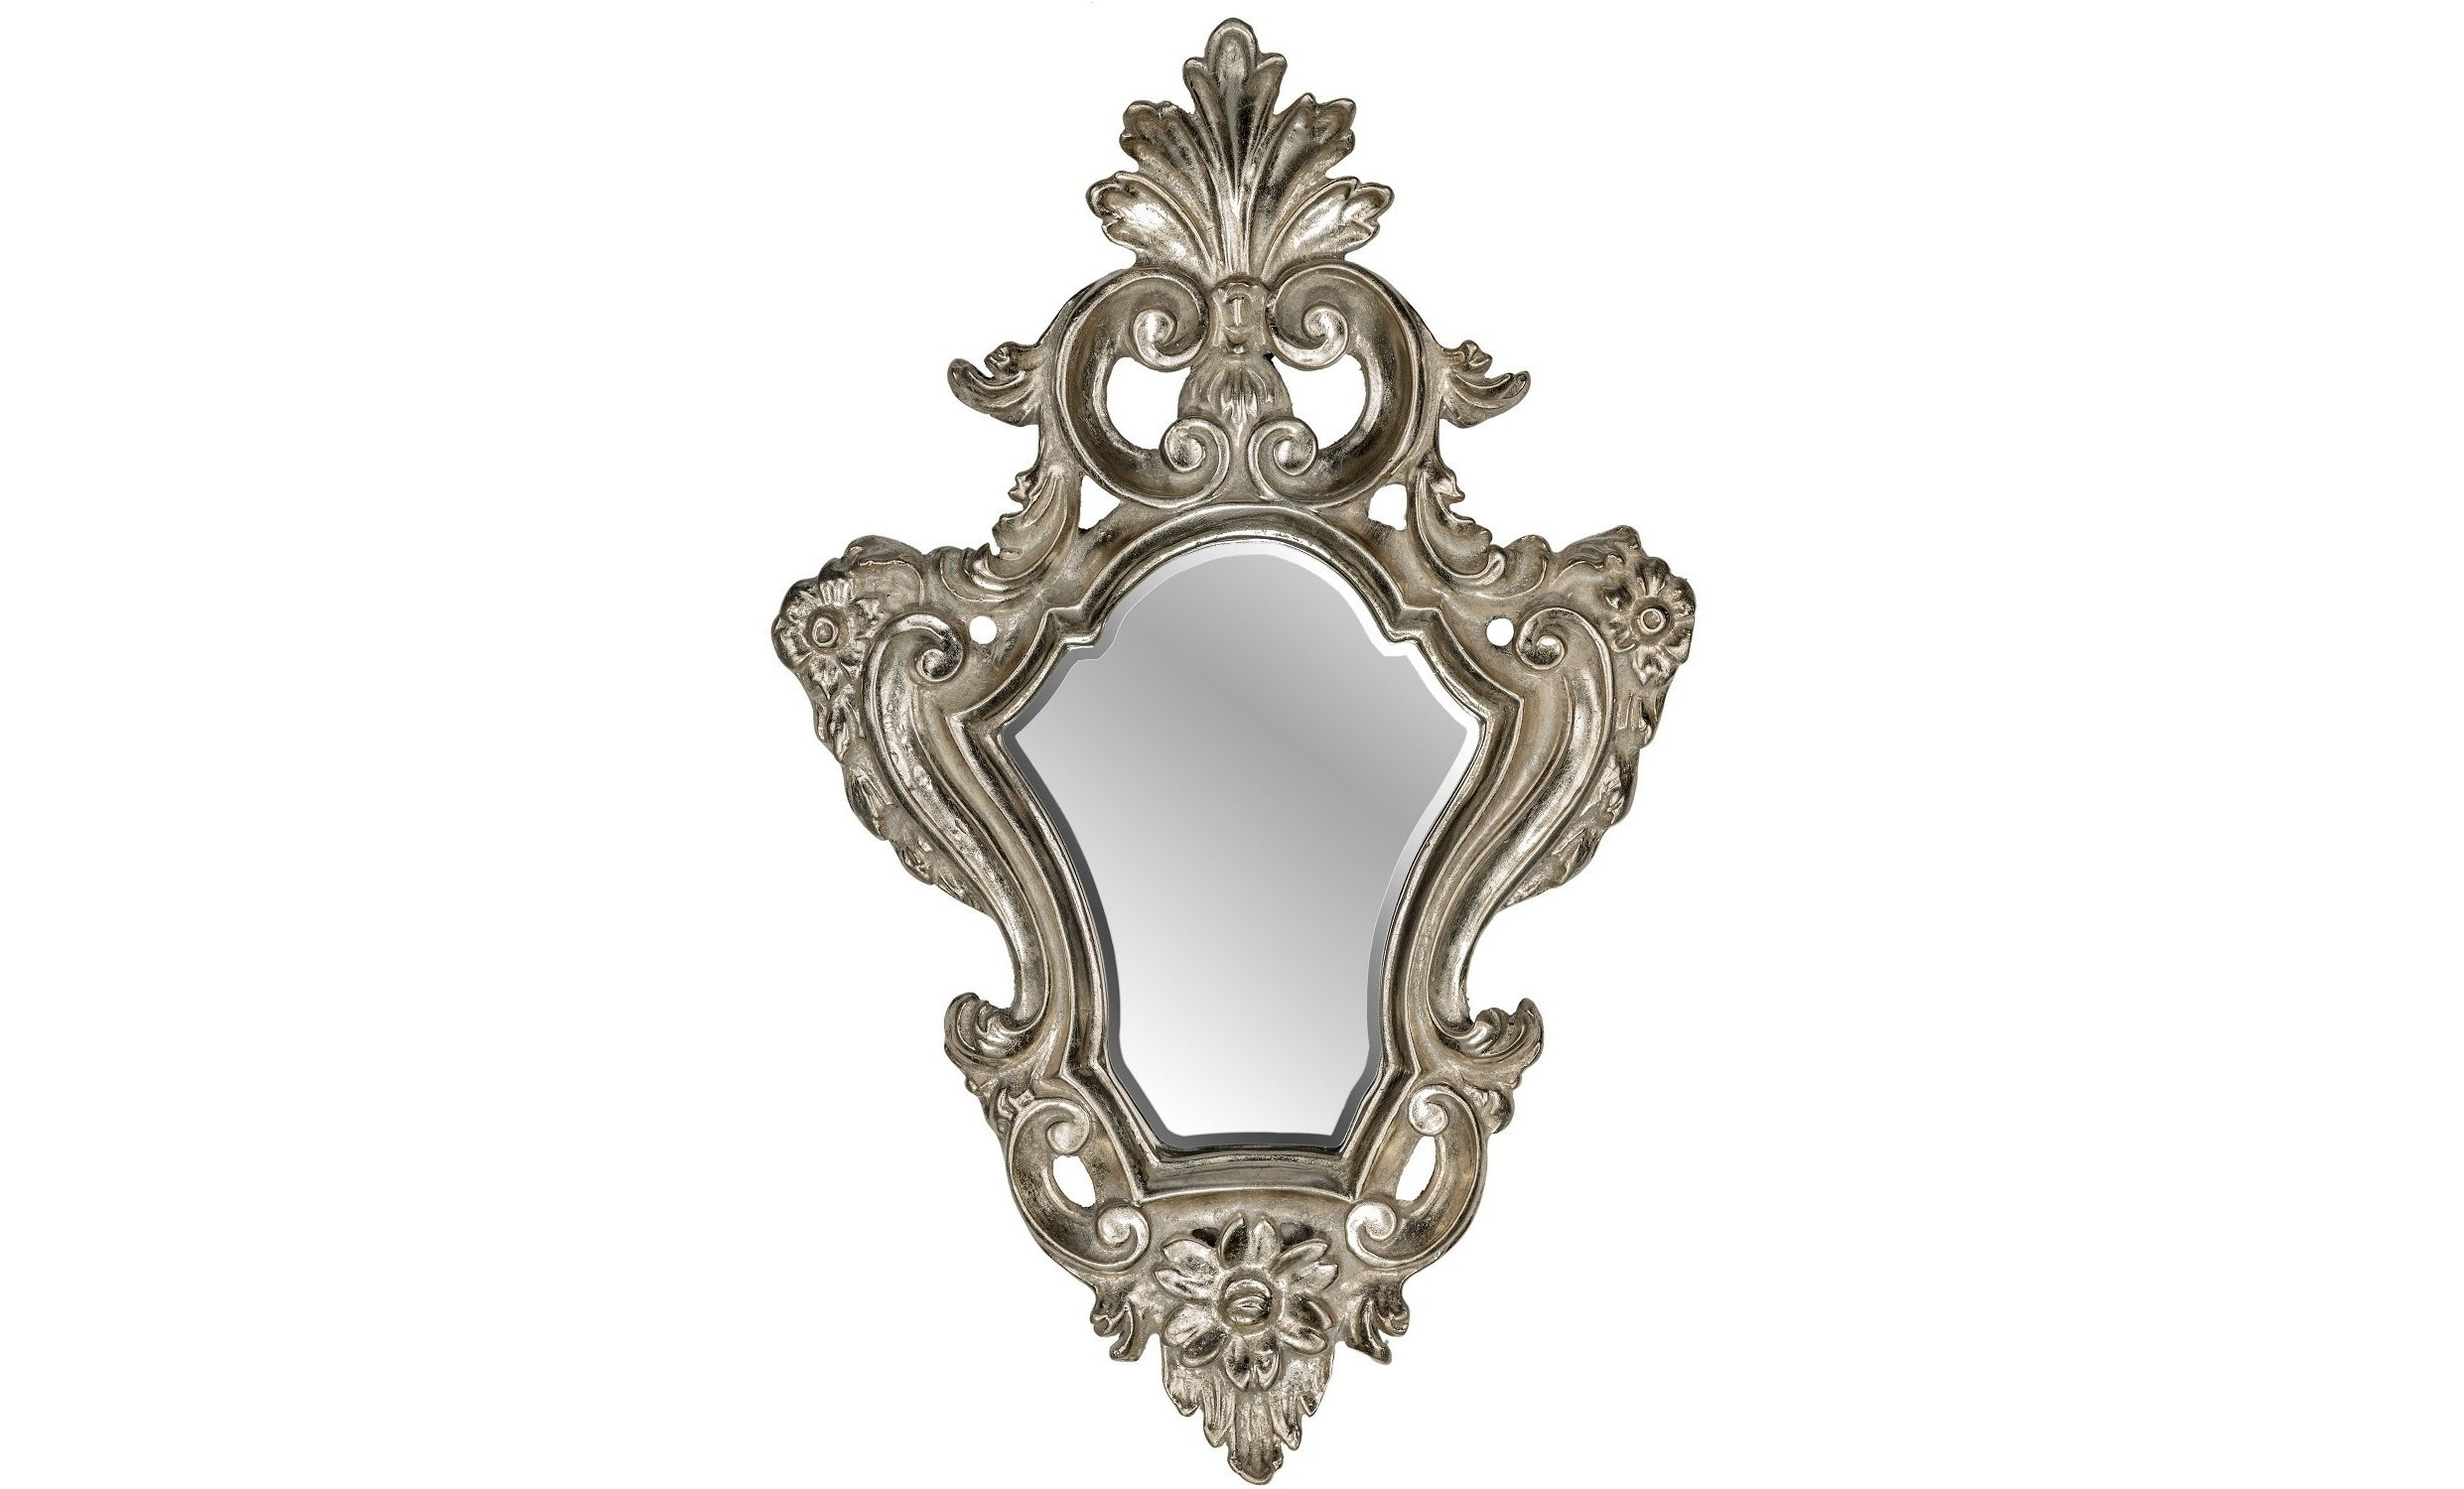 Зеркало Viola SilverНастенные зеркала<br><br><br>Material: Полирезин<br>Width см: 27.5<br>Depth см: 4<br>Height см: 48.5